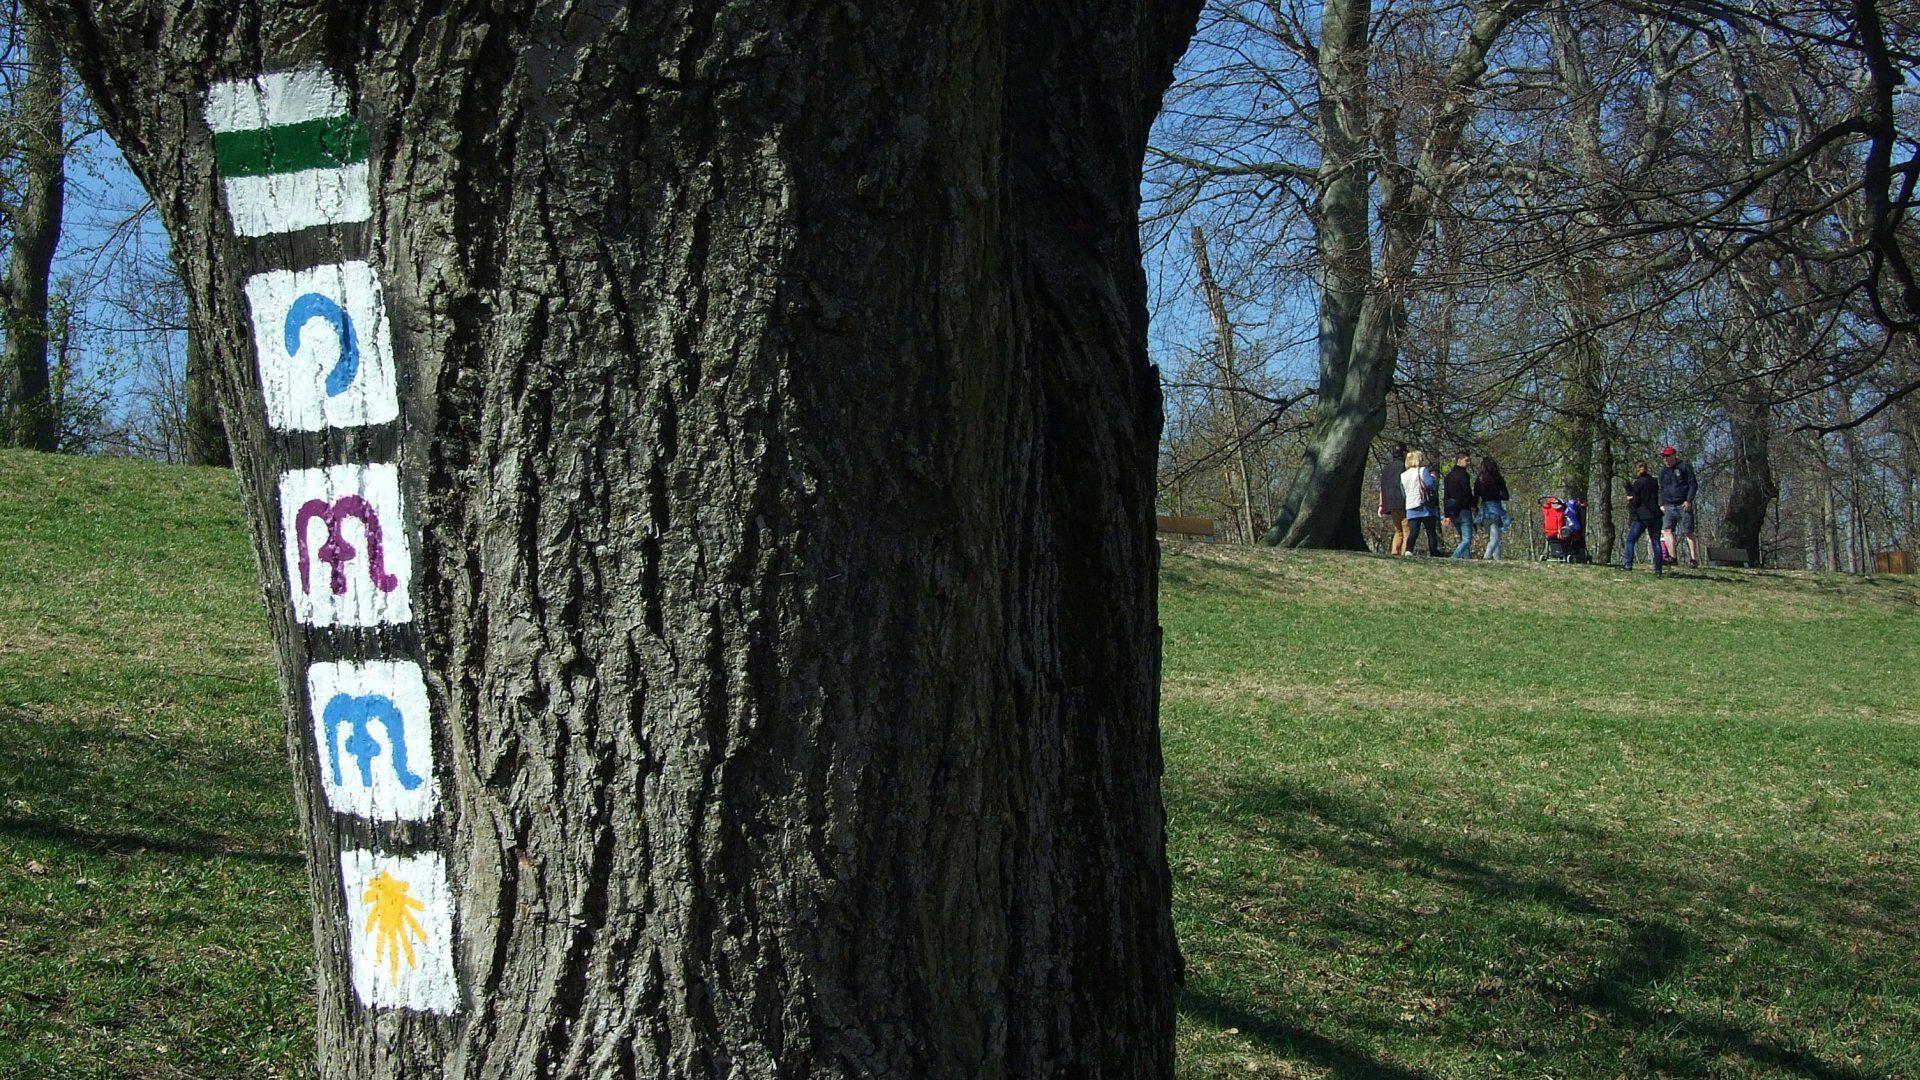 A járvány előtt készült képen egy öreg fa kérgére festett, karbantartott turista-jelzések láthatók a Normafa közelében, egy kiépített turistaút szélén (Fotó: MTVA/Bizományosi: Jászai Csaba)